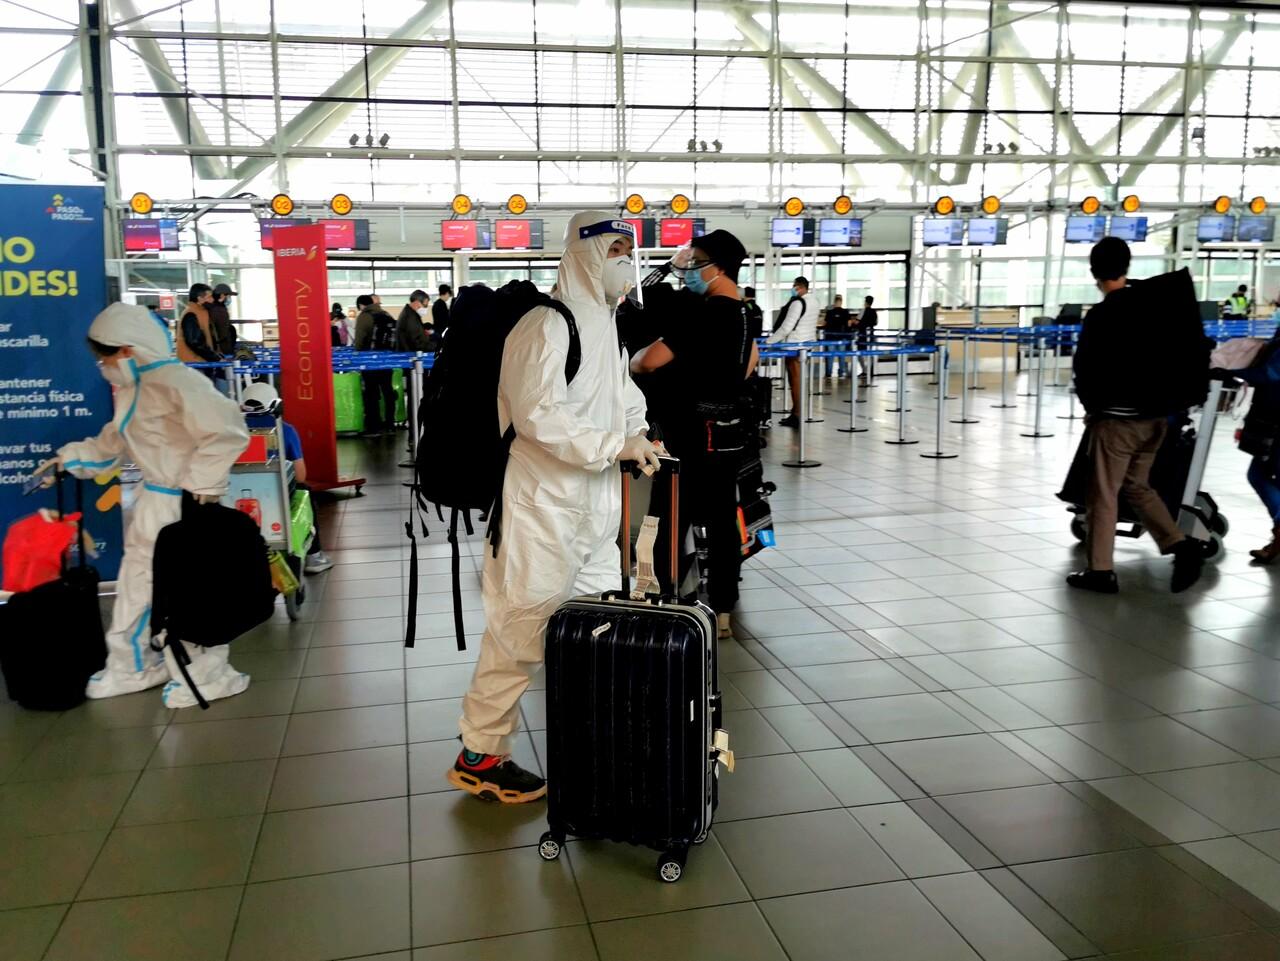 Hoteleros acusan desorganización de Minsal por caso de viajeros que tuvieron que cumplir cuarentena en su casa